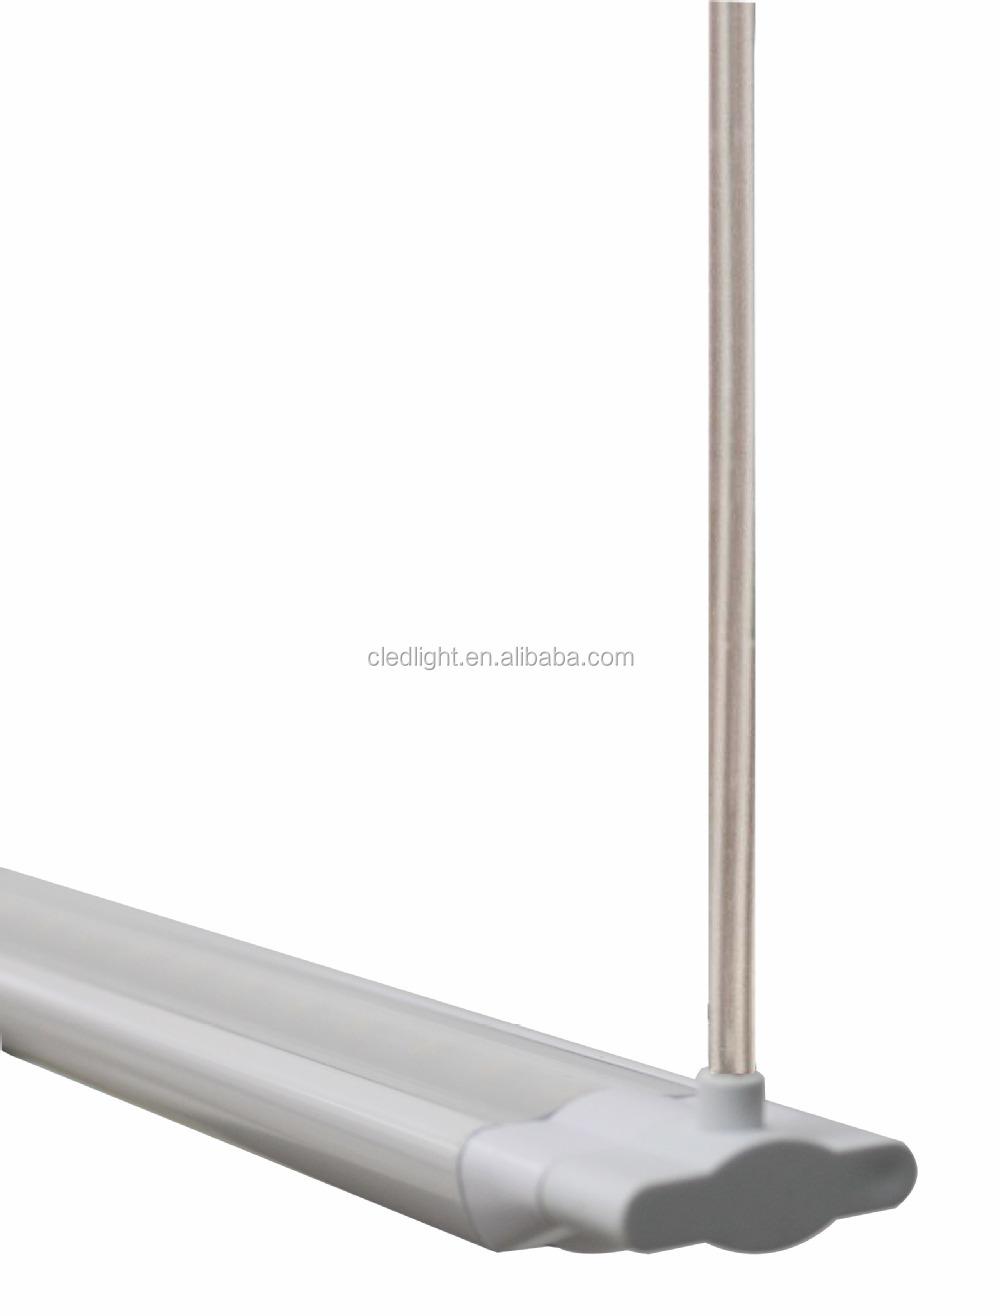 office light buy suspended led office lighting led office lighting